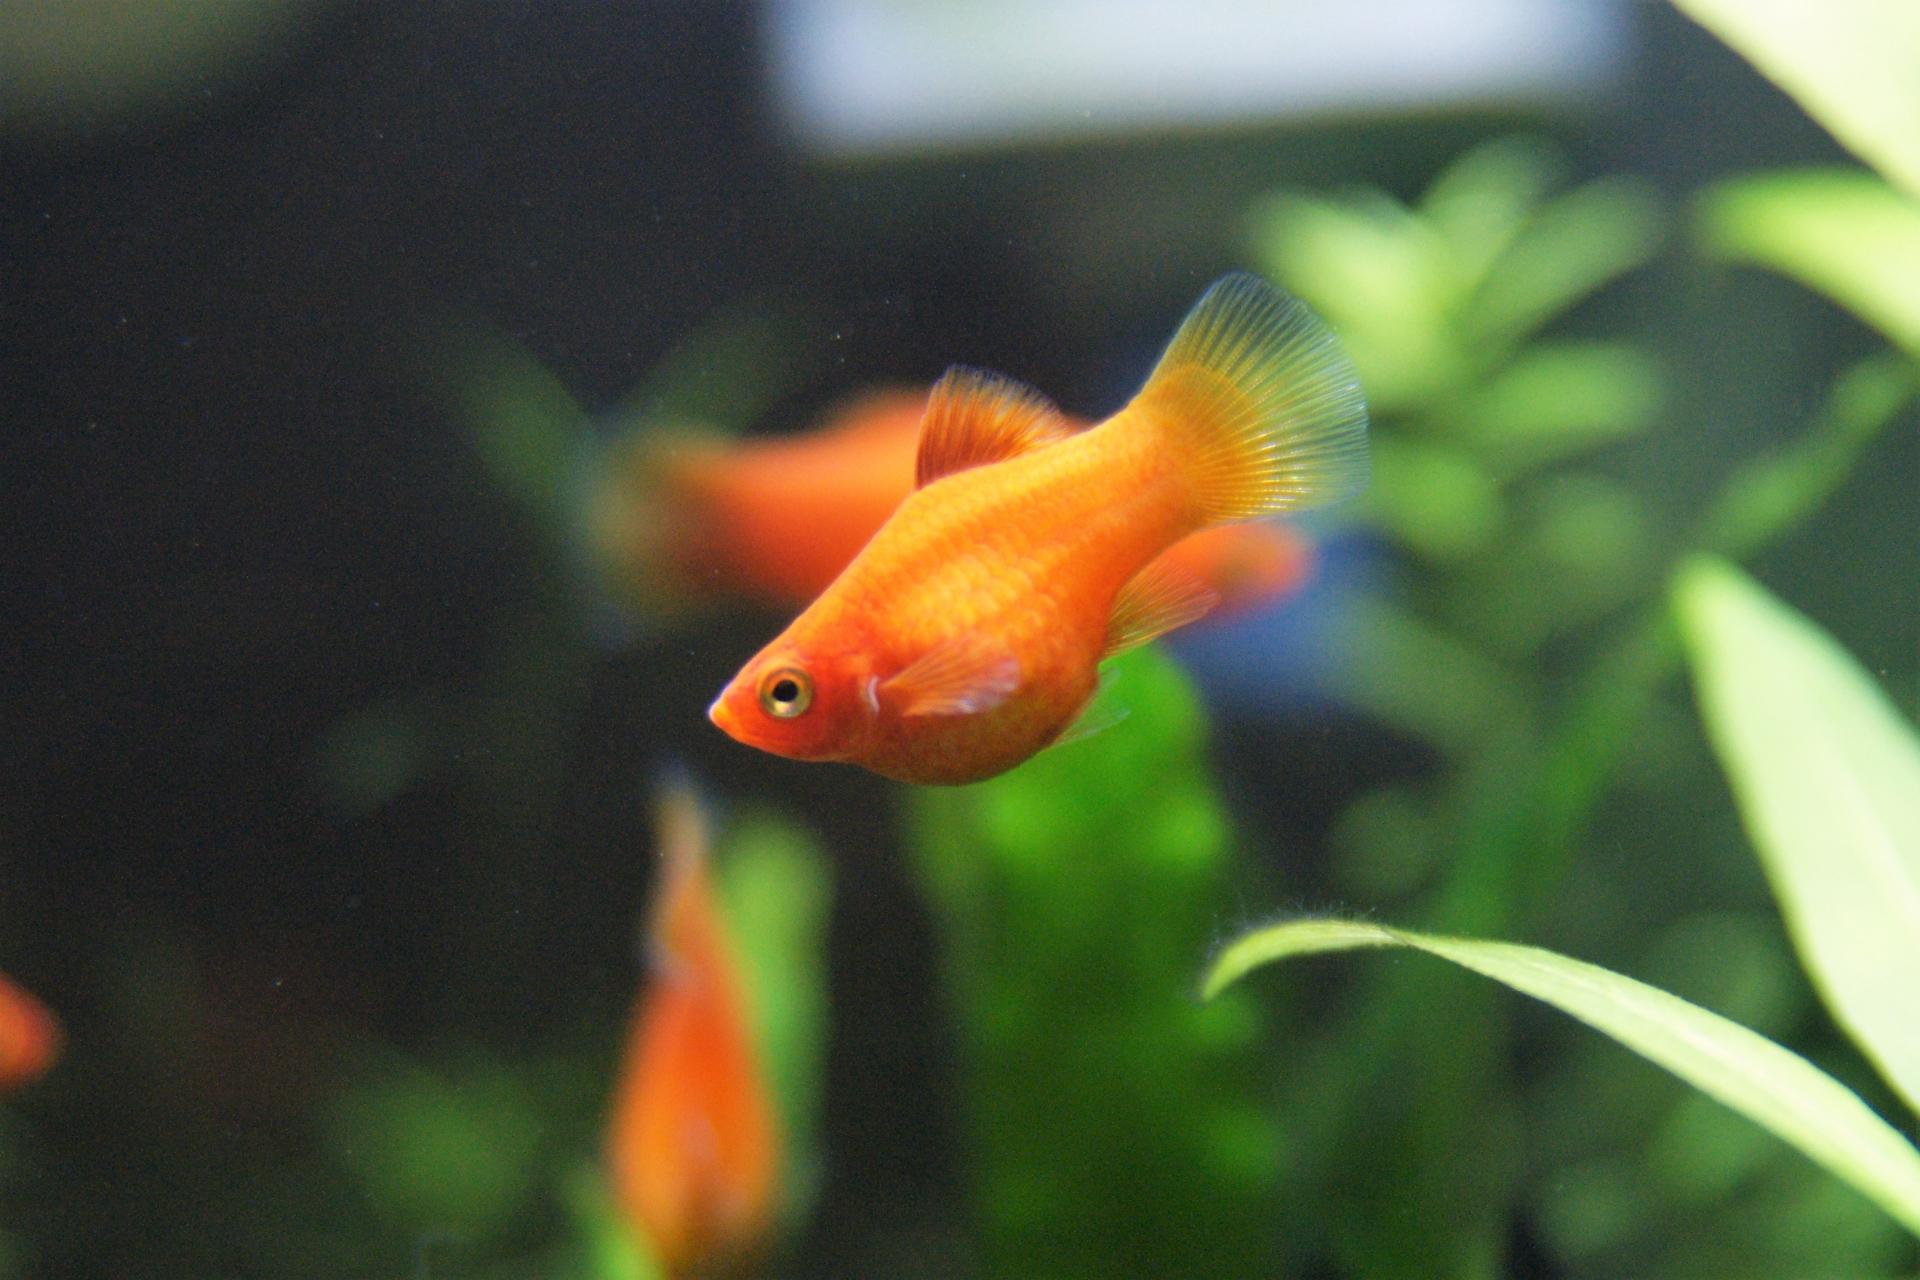 プラティの稚魚の育て方!出産や餌・飼育環境・成長速度と注意点